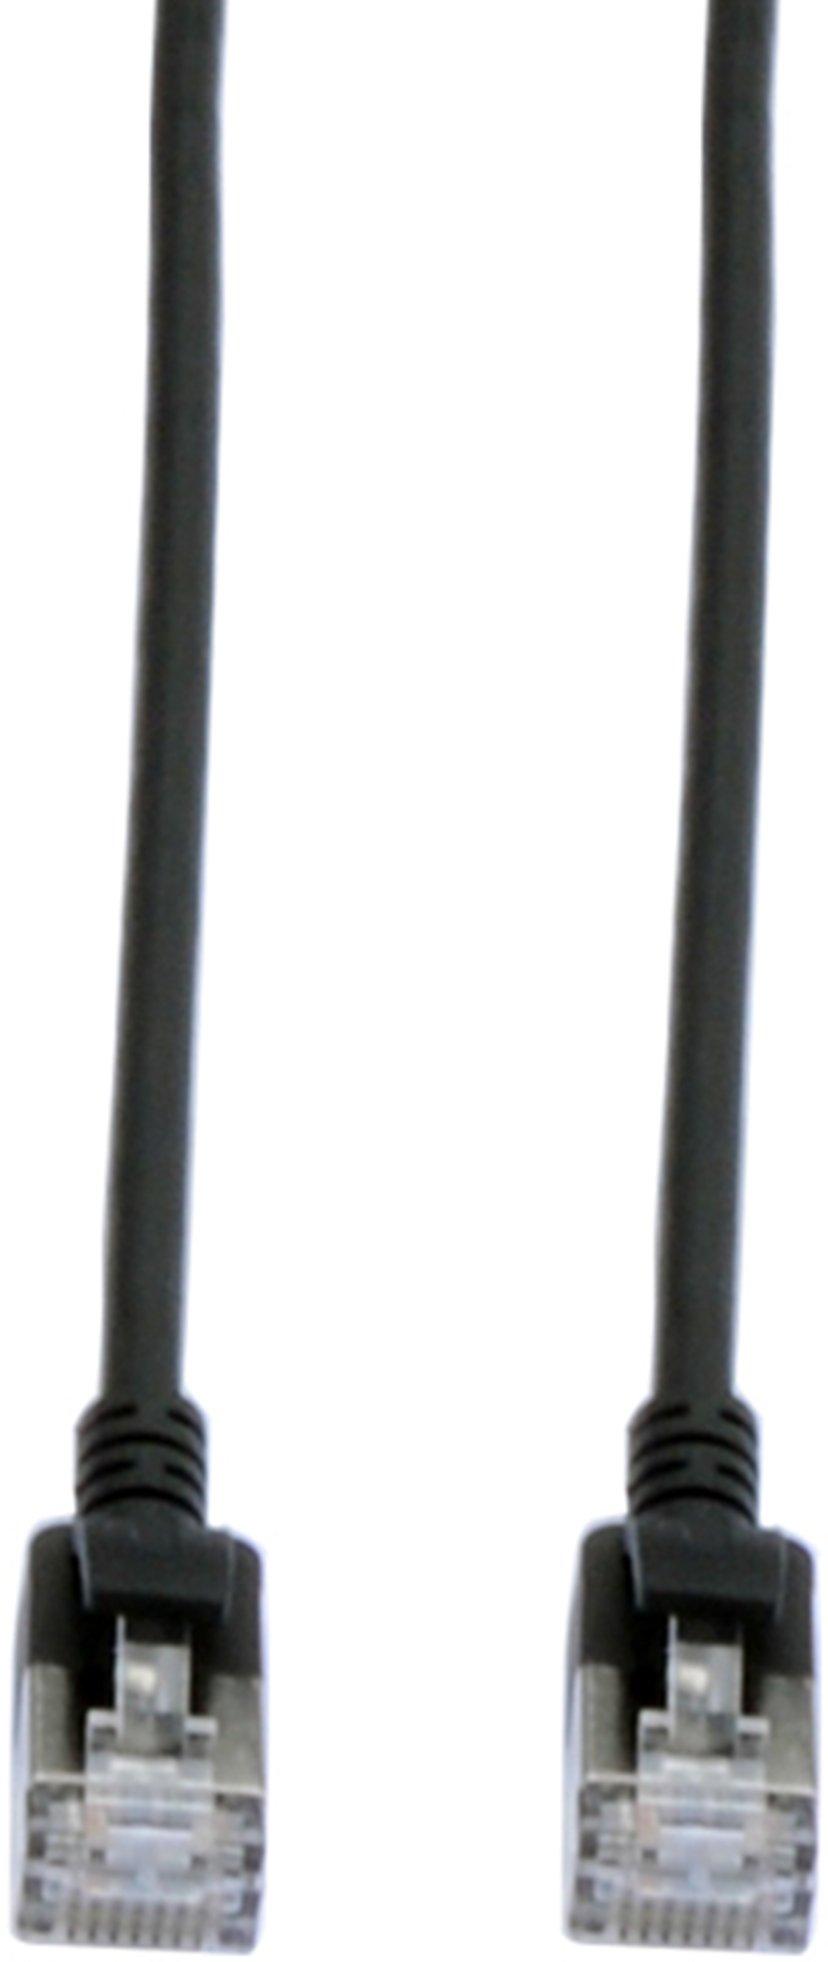 Prokord Patchkabel slim LSZH Svart RJ-45 RJ-45 CAT 6a 1m